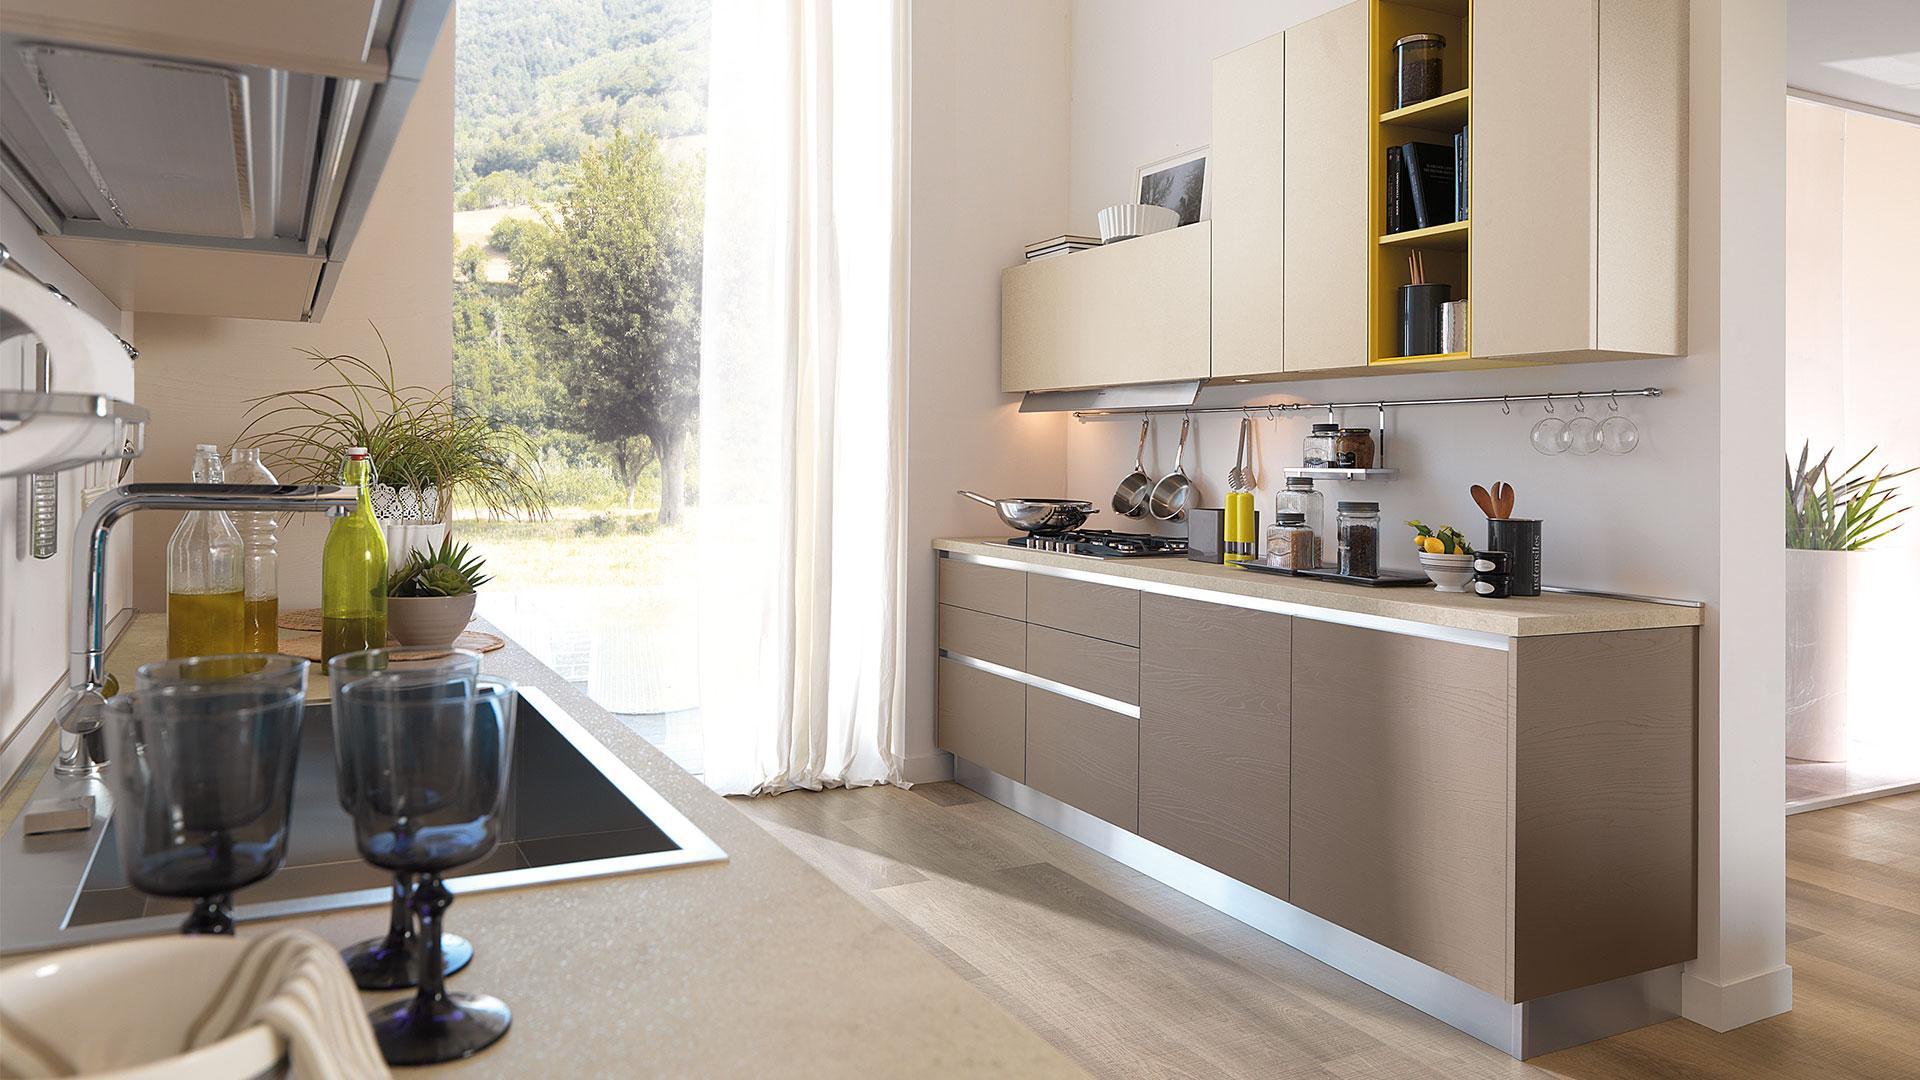 Rizzo Arreda Lube Arredamenti Paderno Dugnano | Cucine Moderna Essenza